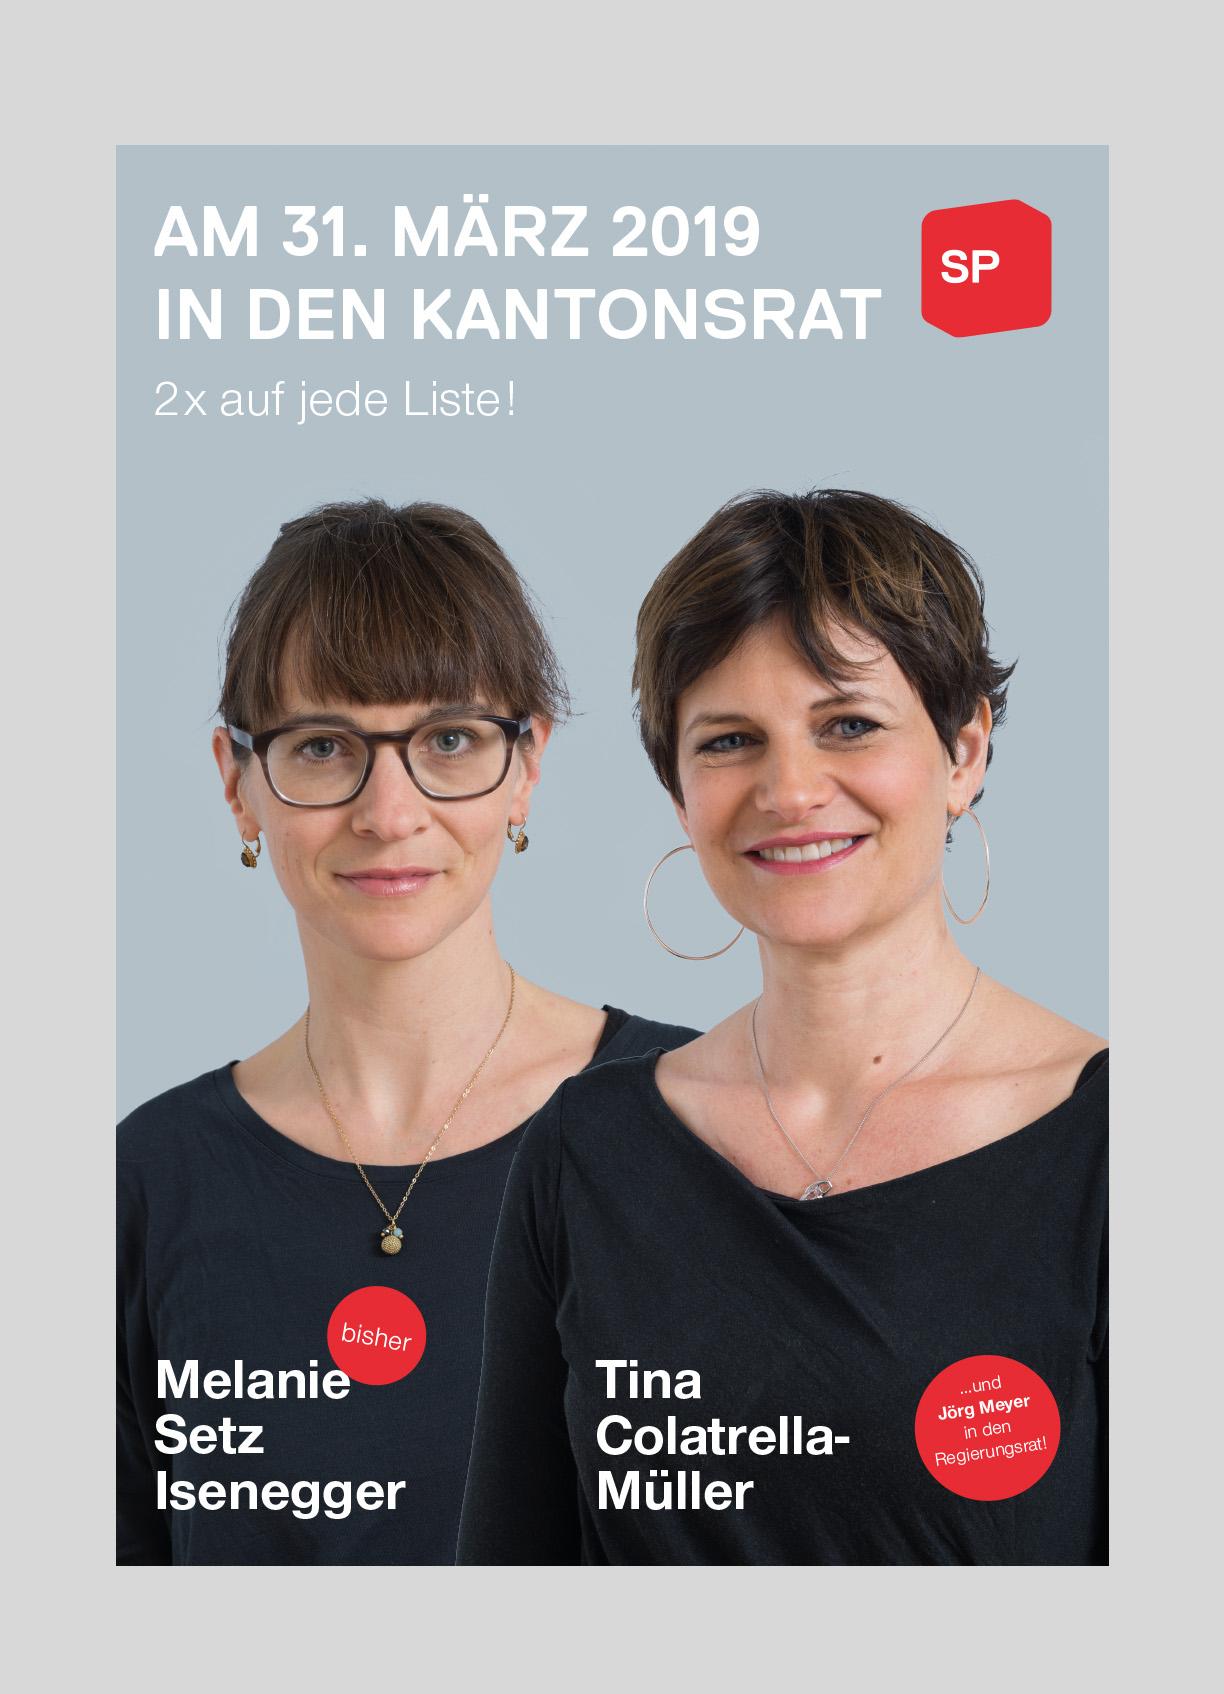 SP Kanton Luzern – Kantonsratwahlen | 2019  Kampagne für die Kantonsratswahlen der Sozialdemokratische Partei im Kanton Luzern.